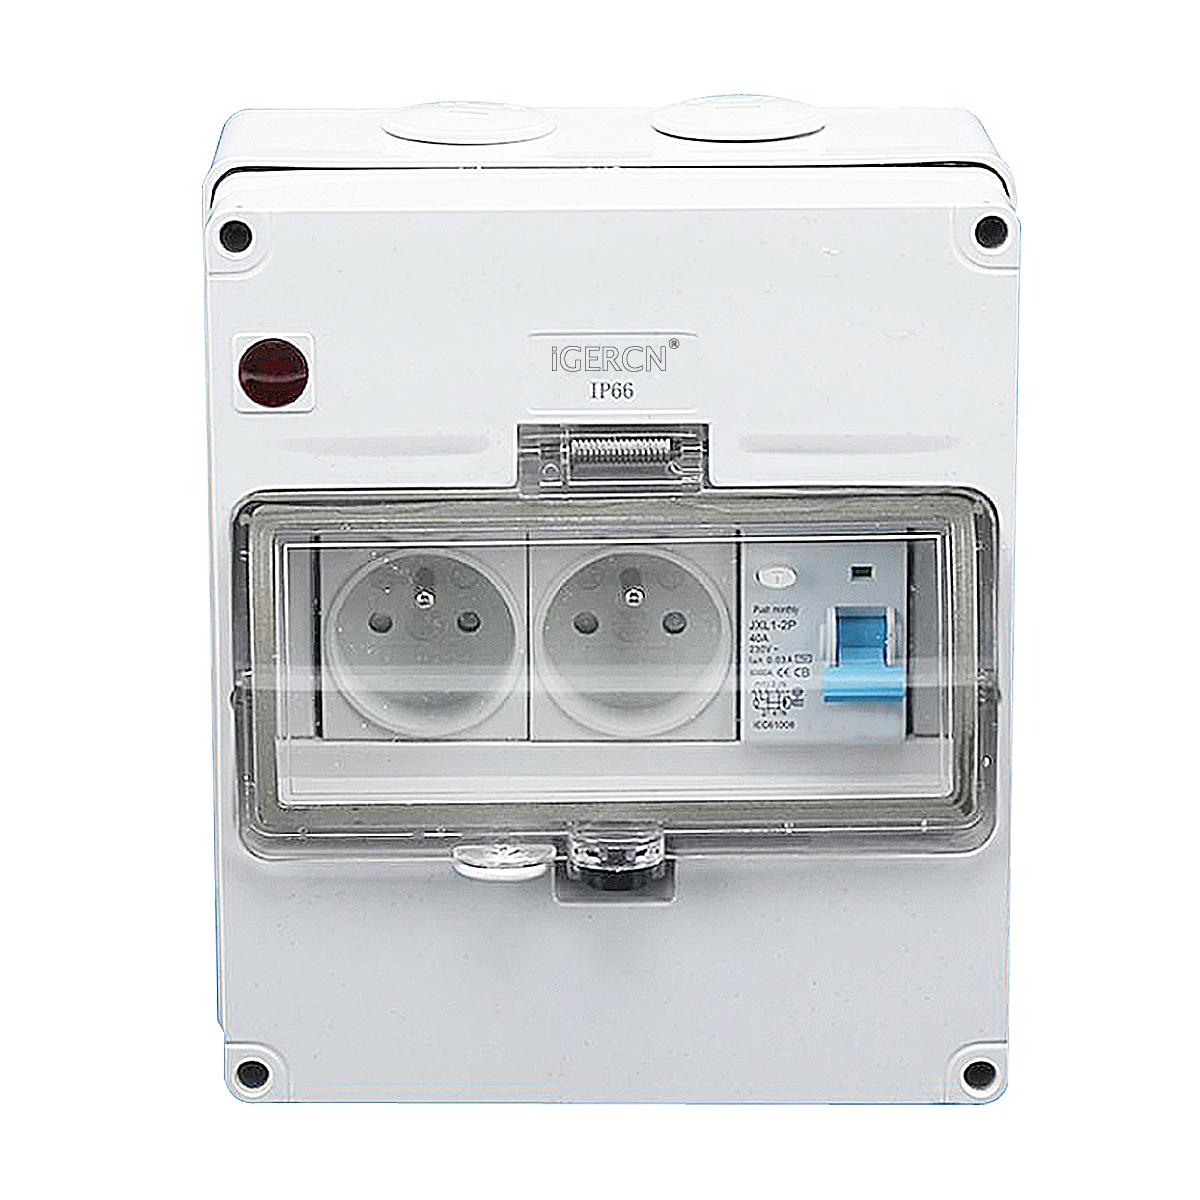 IGLCB8N-1G2FR(1Gang Switch 2Gang Socket 16A-250V~)